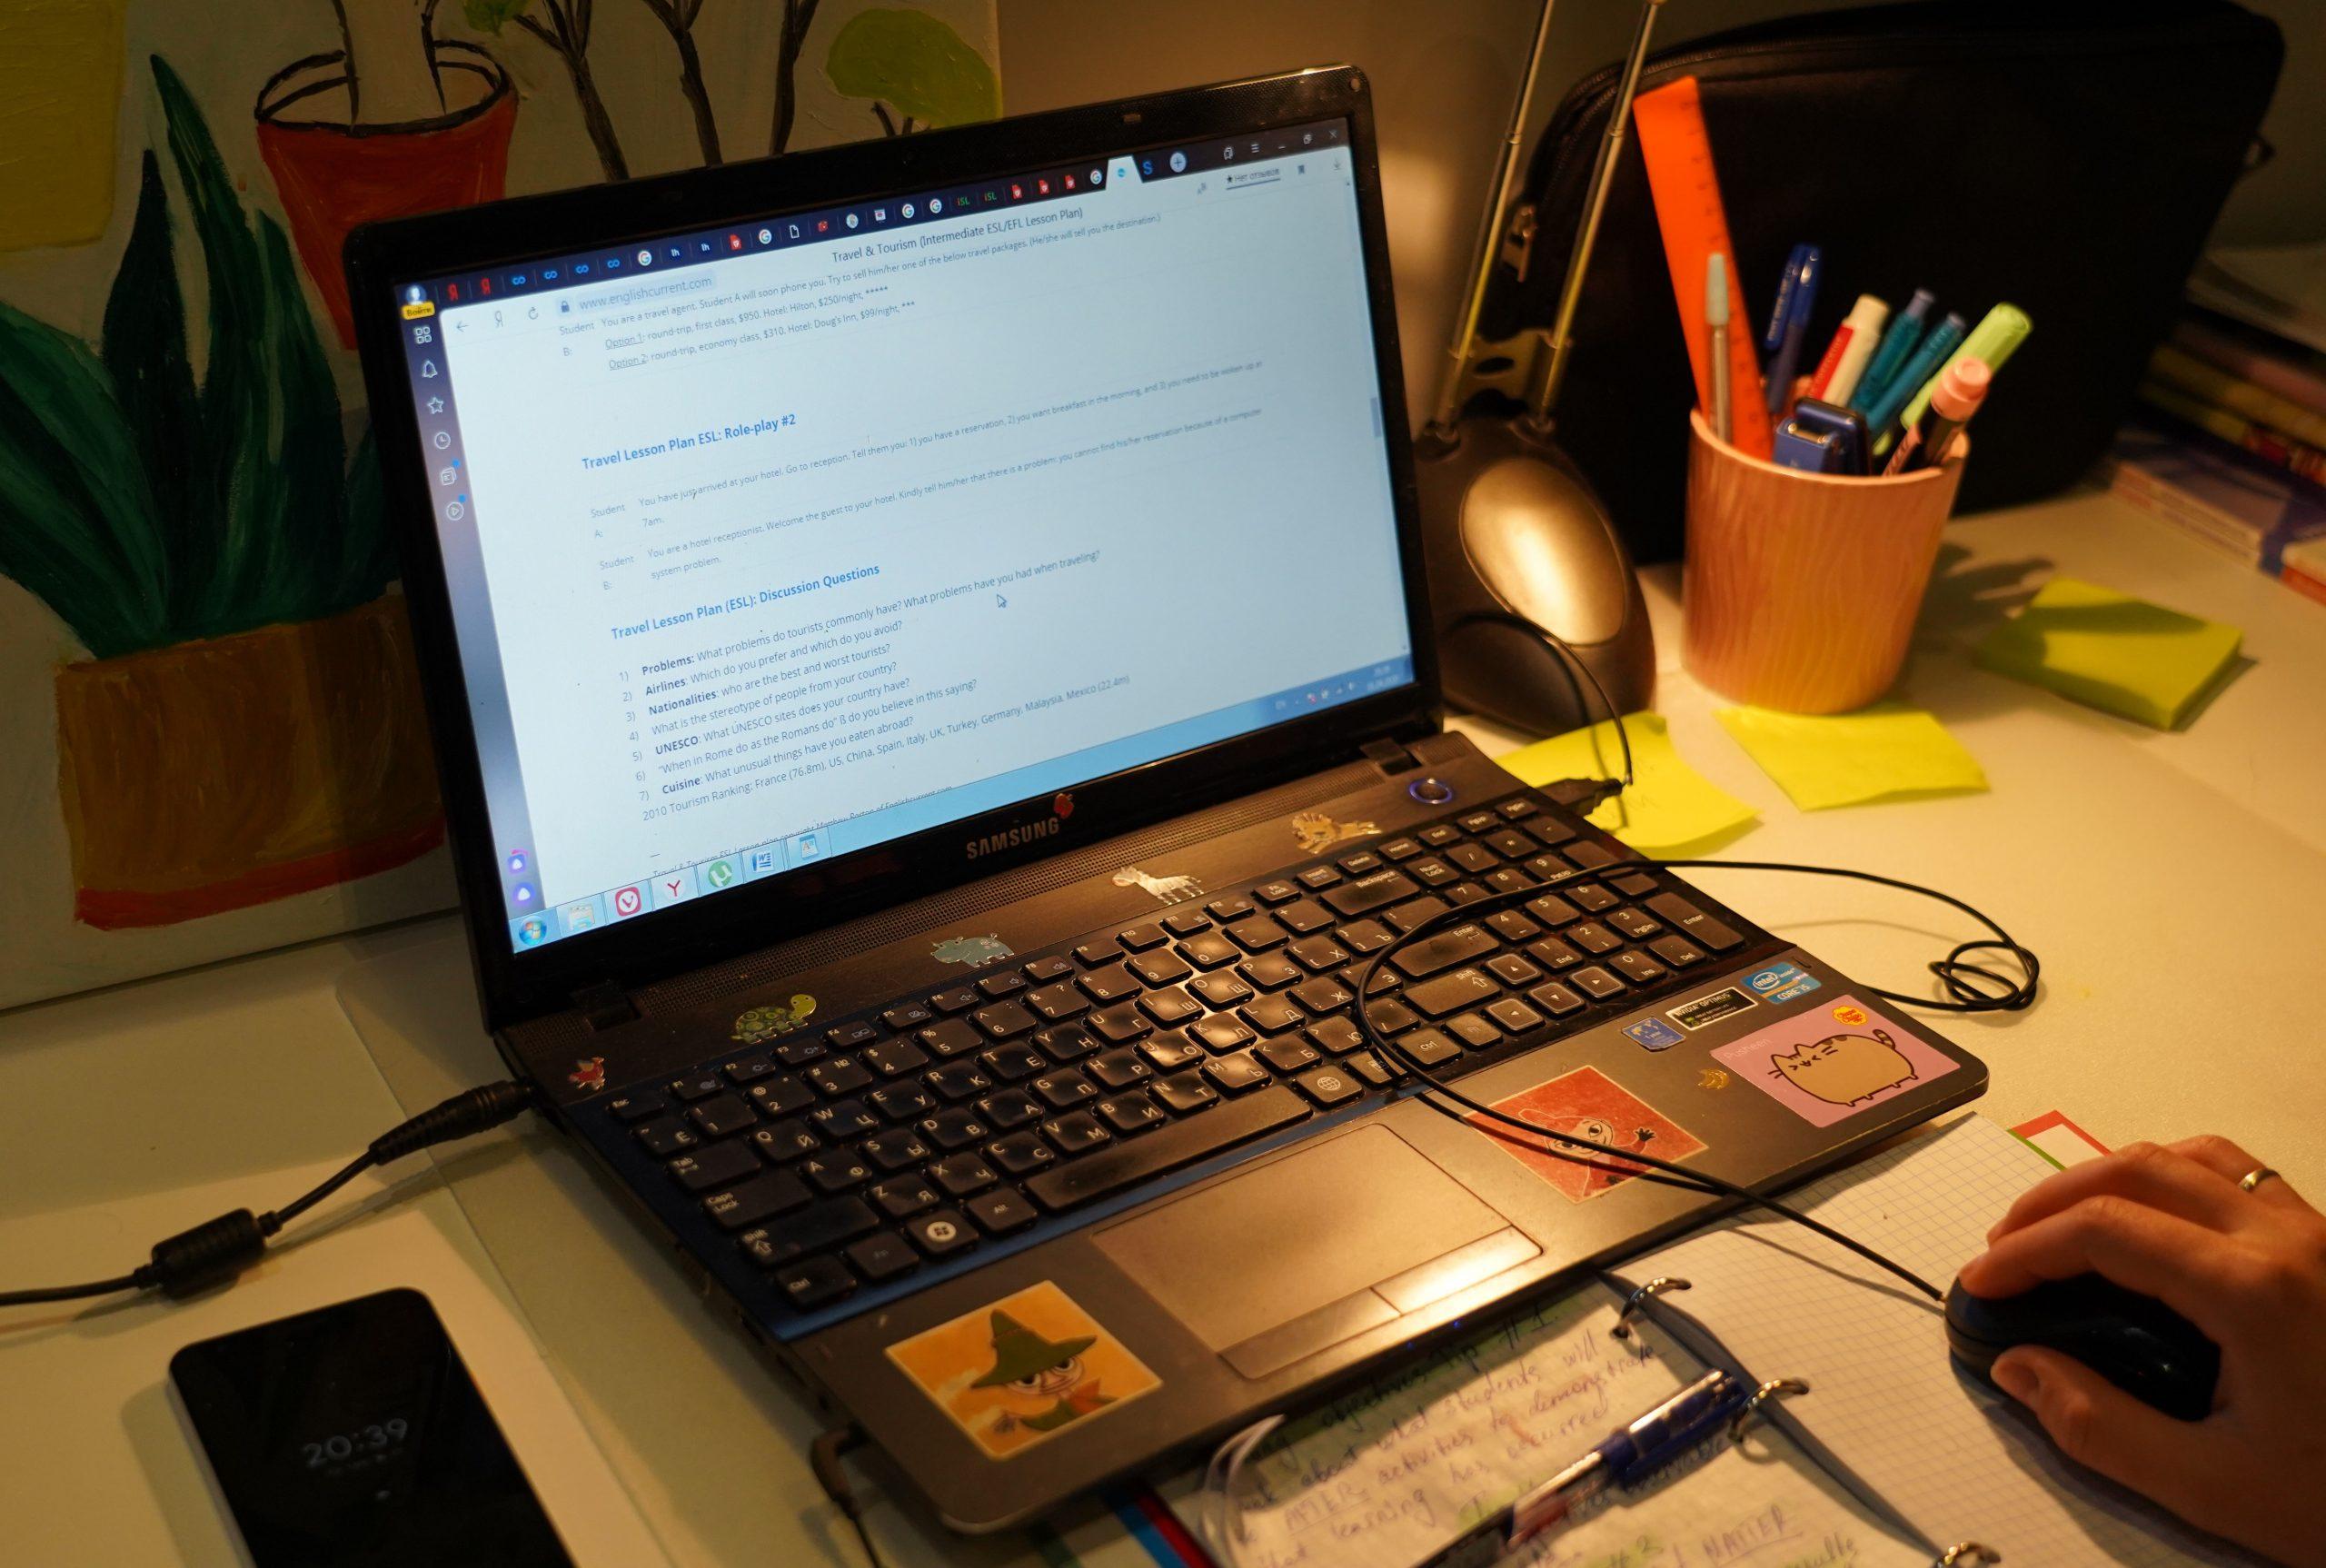 Работники библиотеки №146 объявили о старте онлайн-квеста «Сказки для взрослых: новое расследование». Фото: Денис Кондратьев